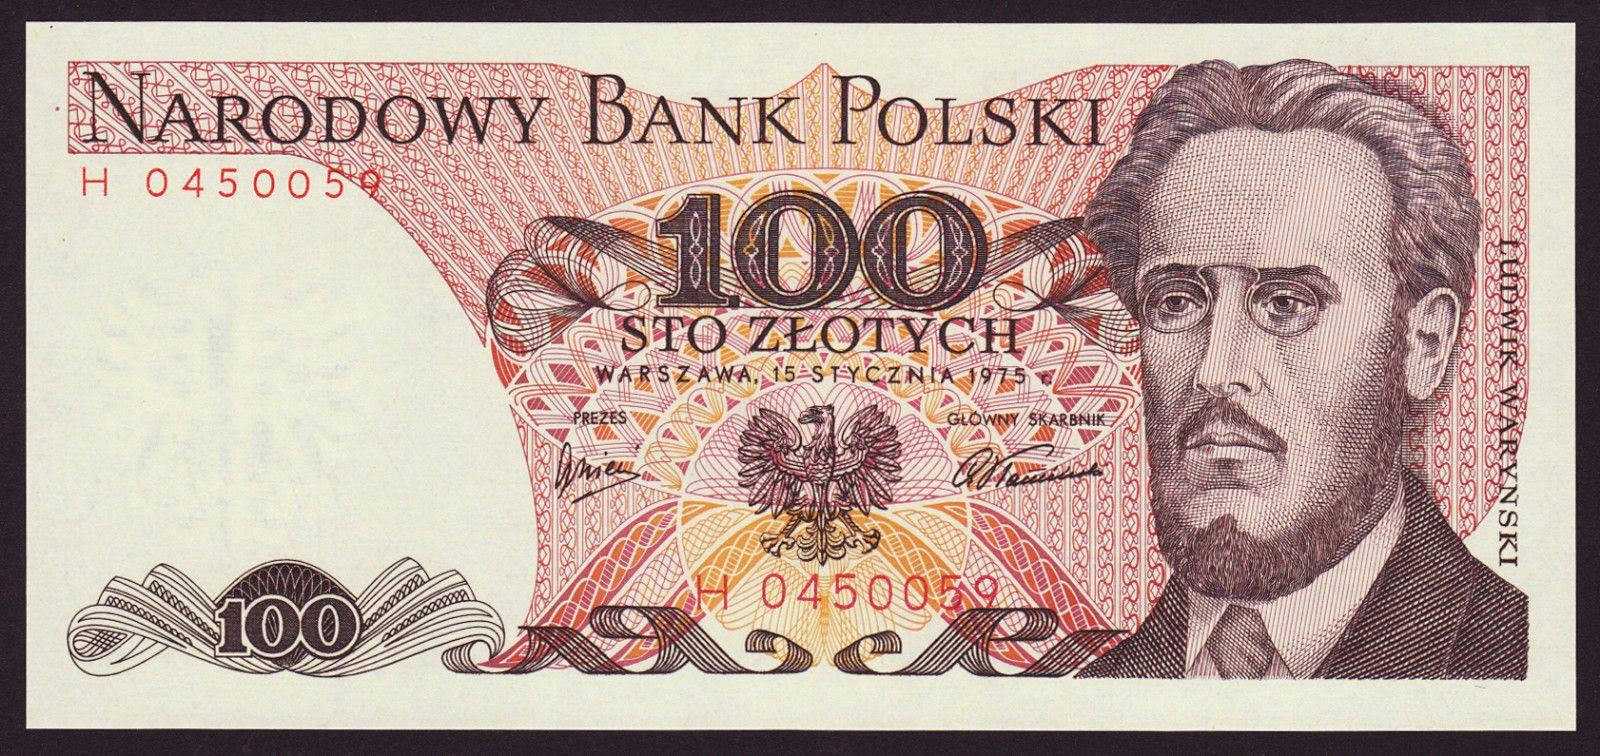 Poland Banknotes 100 Zloty banknote 1975 Ludwik Warynski